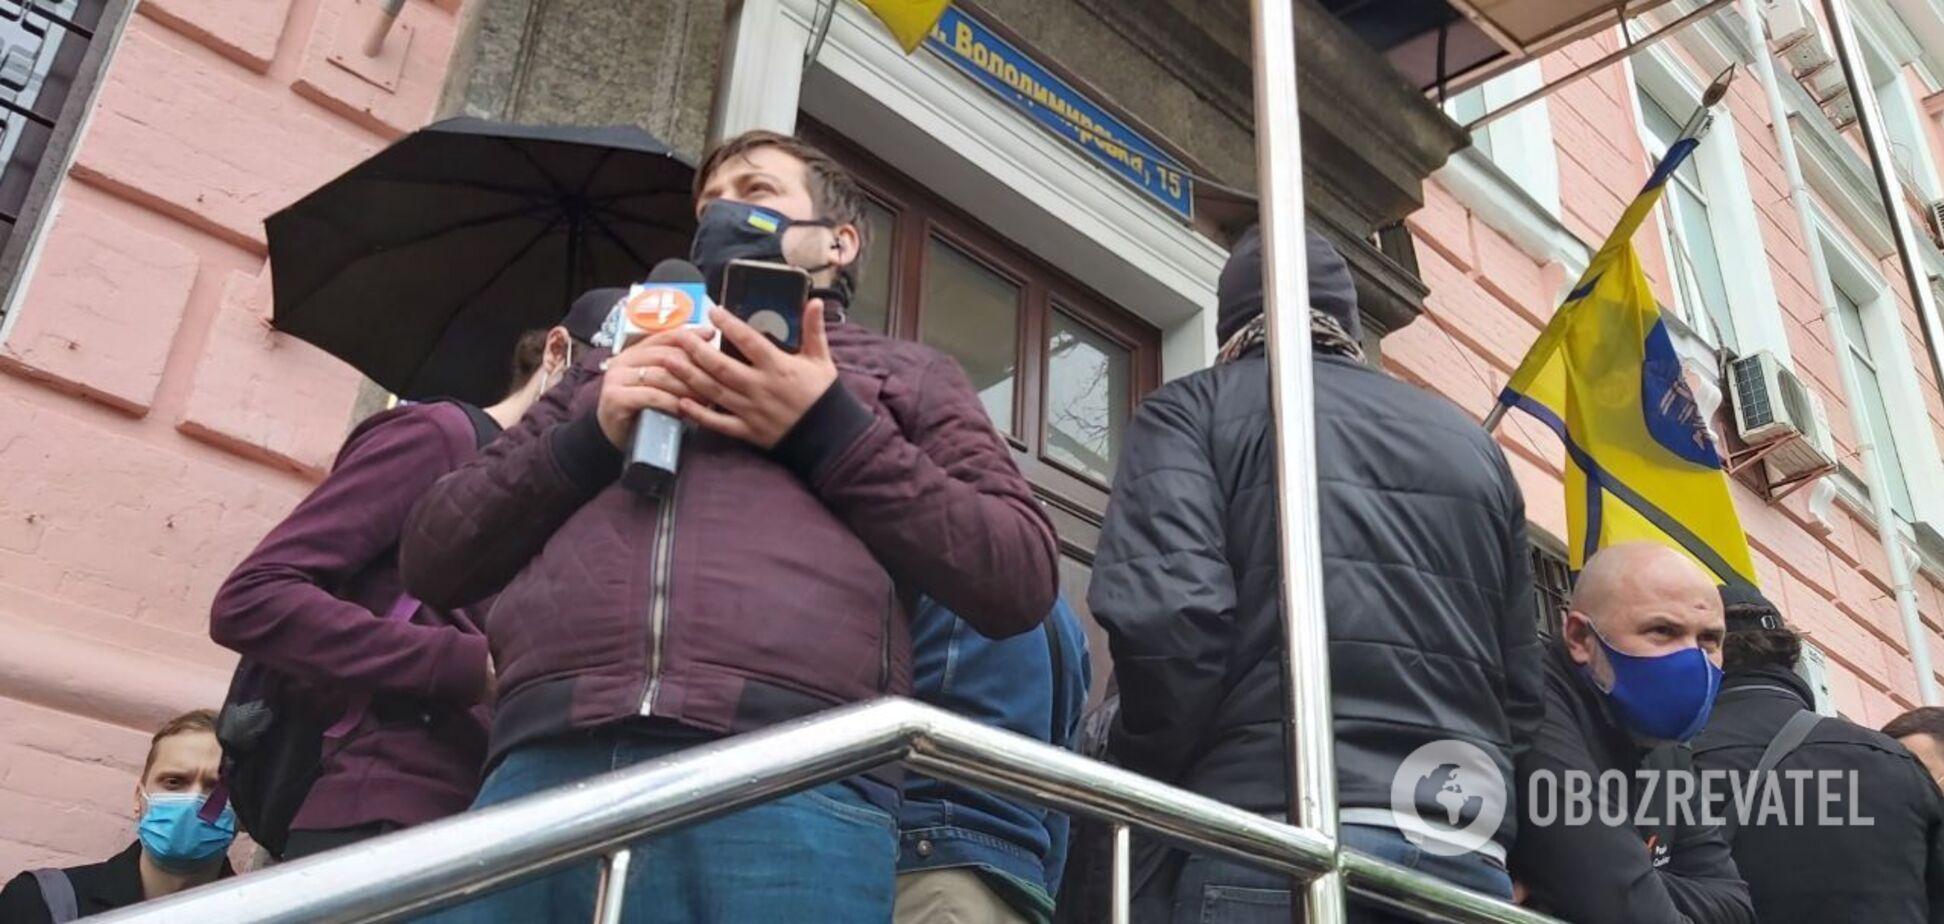 Біля будівлі суду, де обирають запобіжний захід Медведчуку, трапилася сутичка